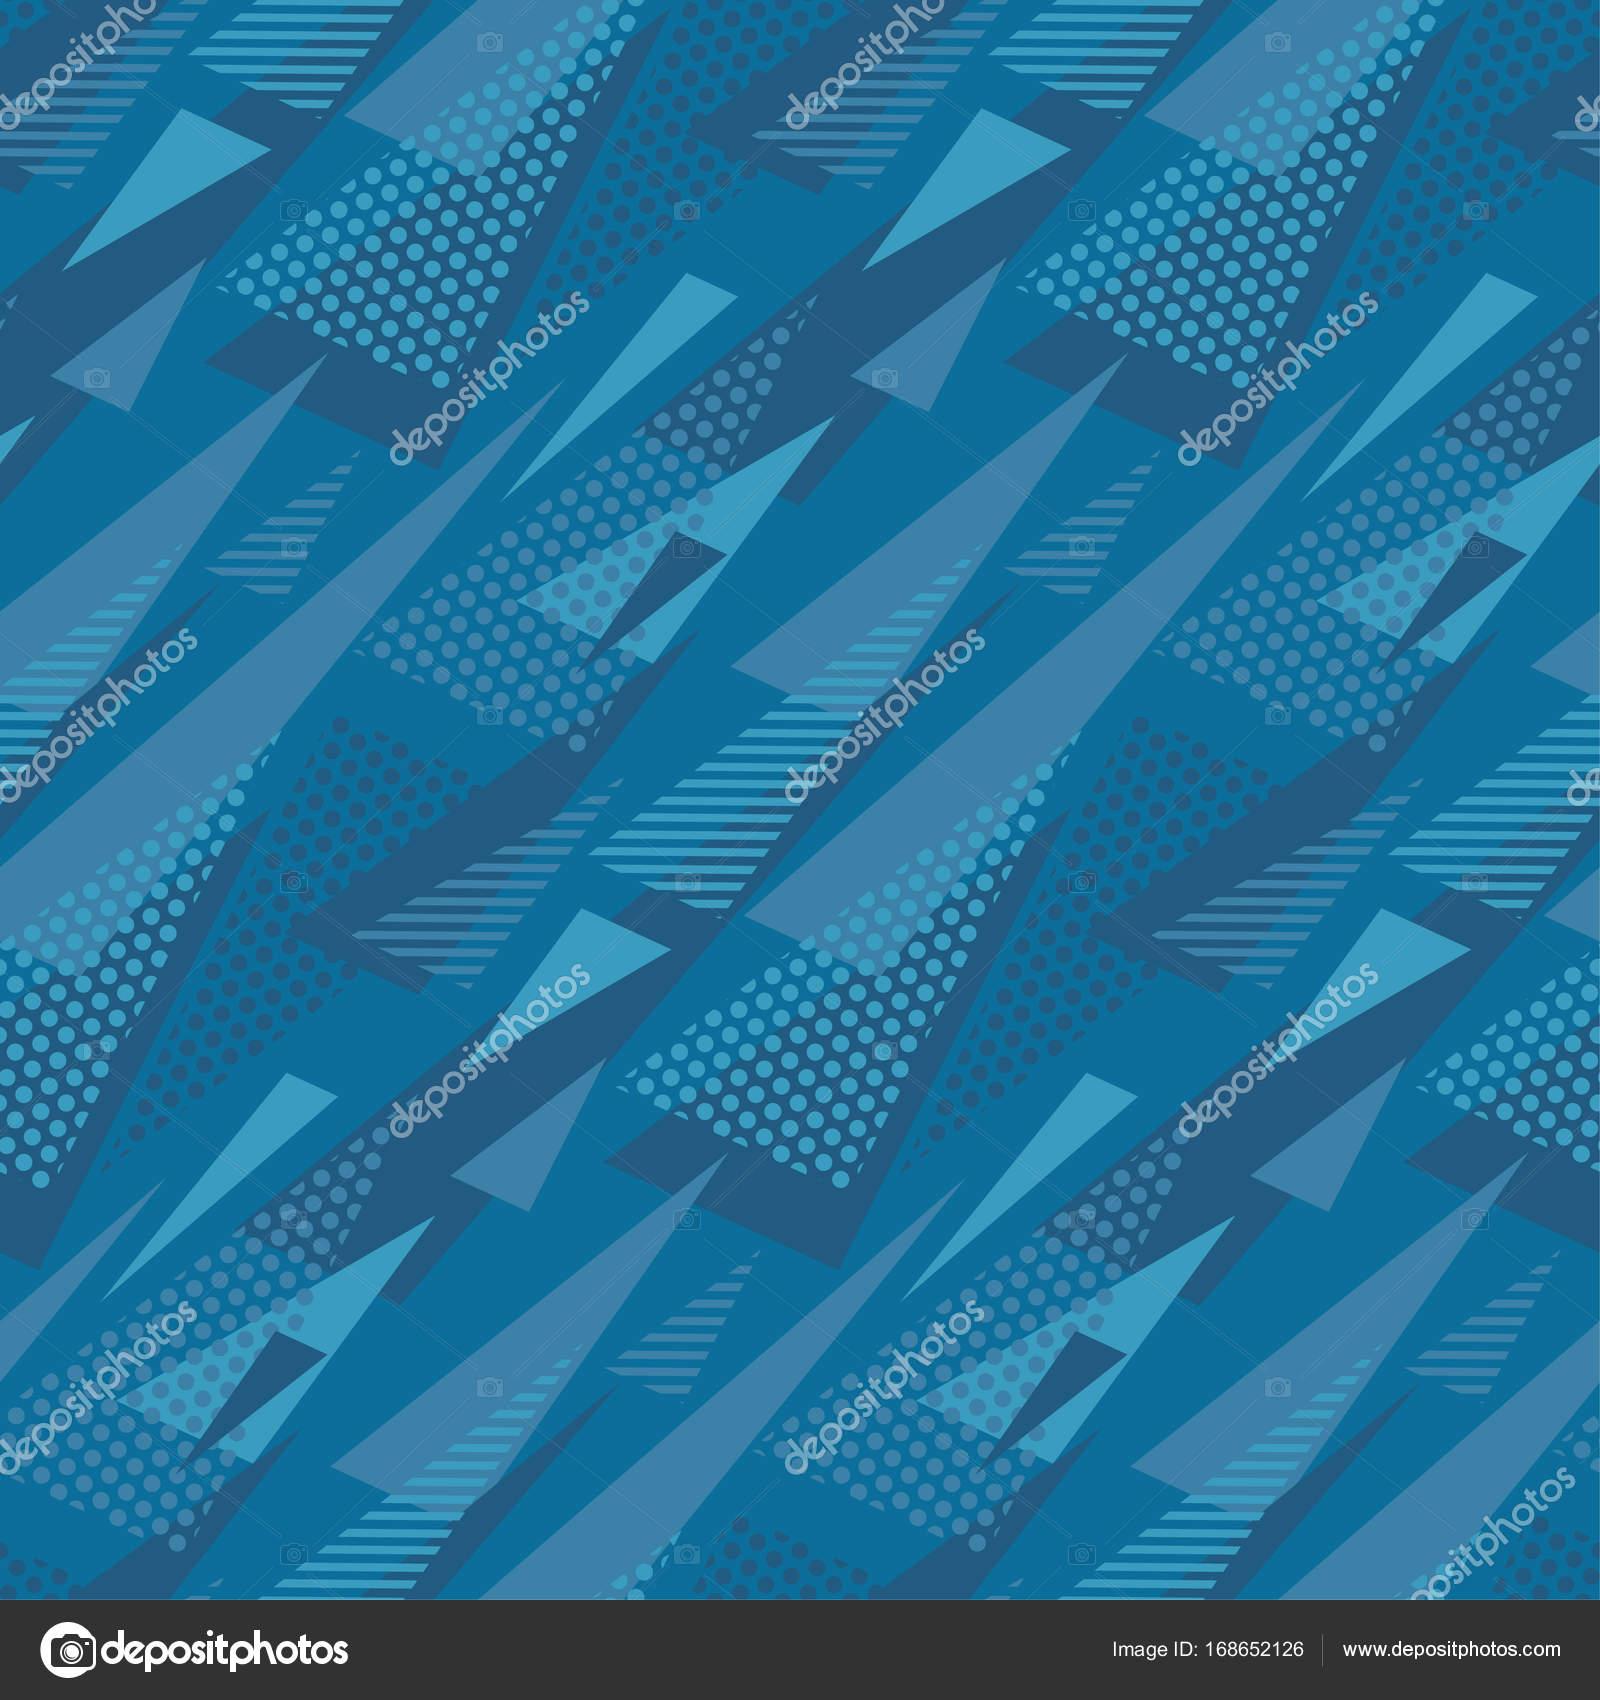 motif de triangle abstraite. couleur bleu marine concept abstrait